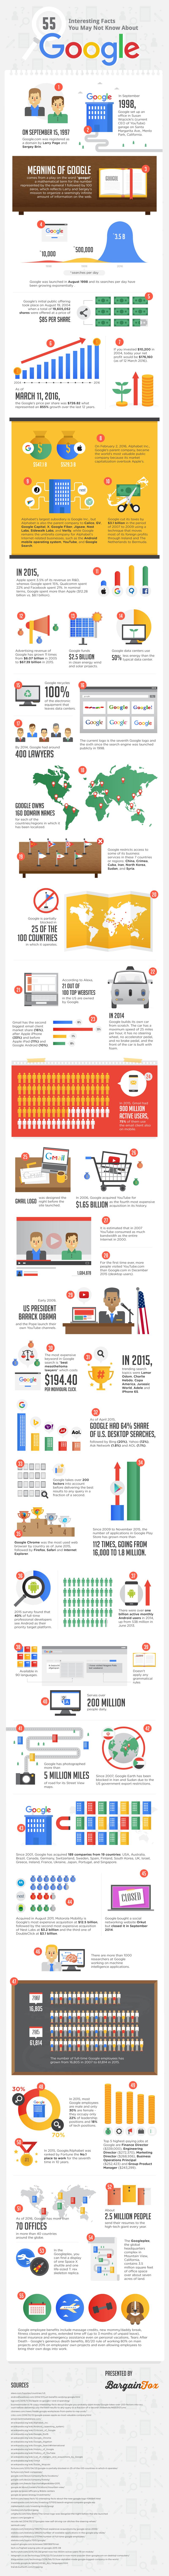 infographie-55-choses-sur-google